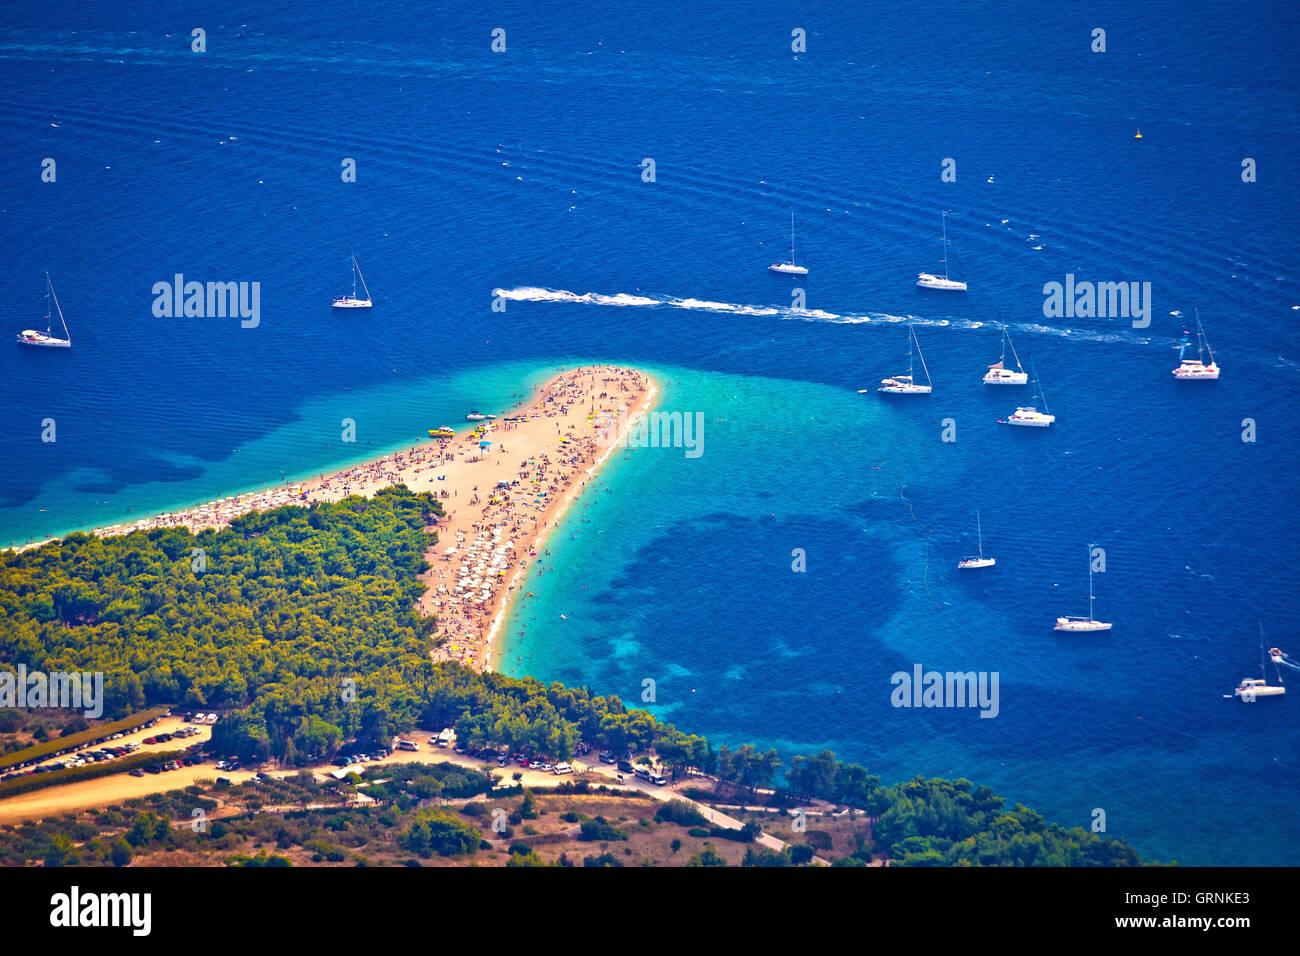 Zlatni rat beach aerial view, Island of Brac, Dalmatia, Croatia - Stock Image